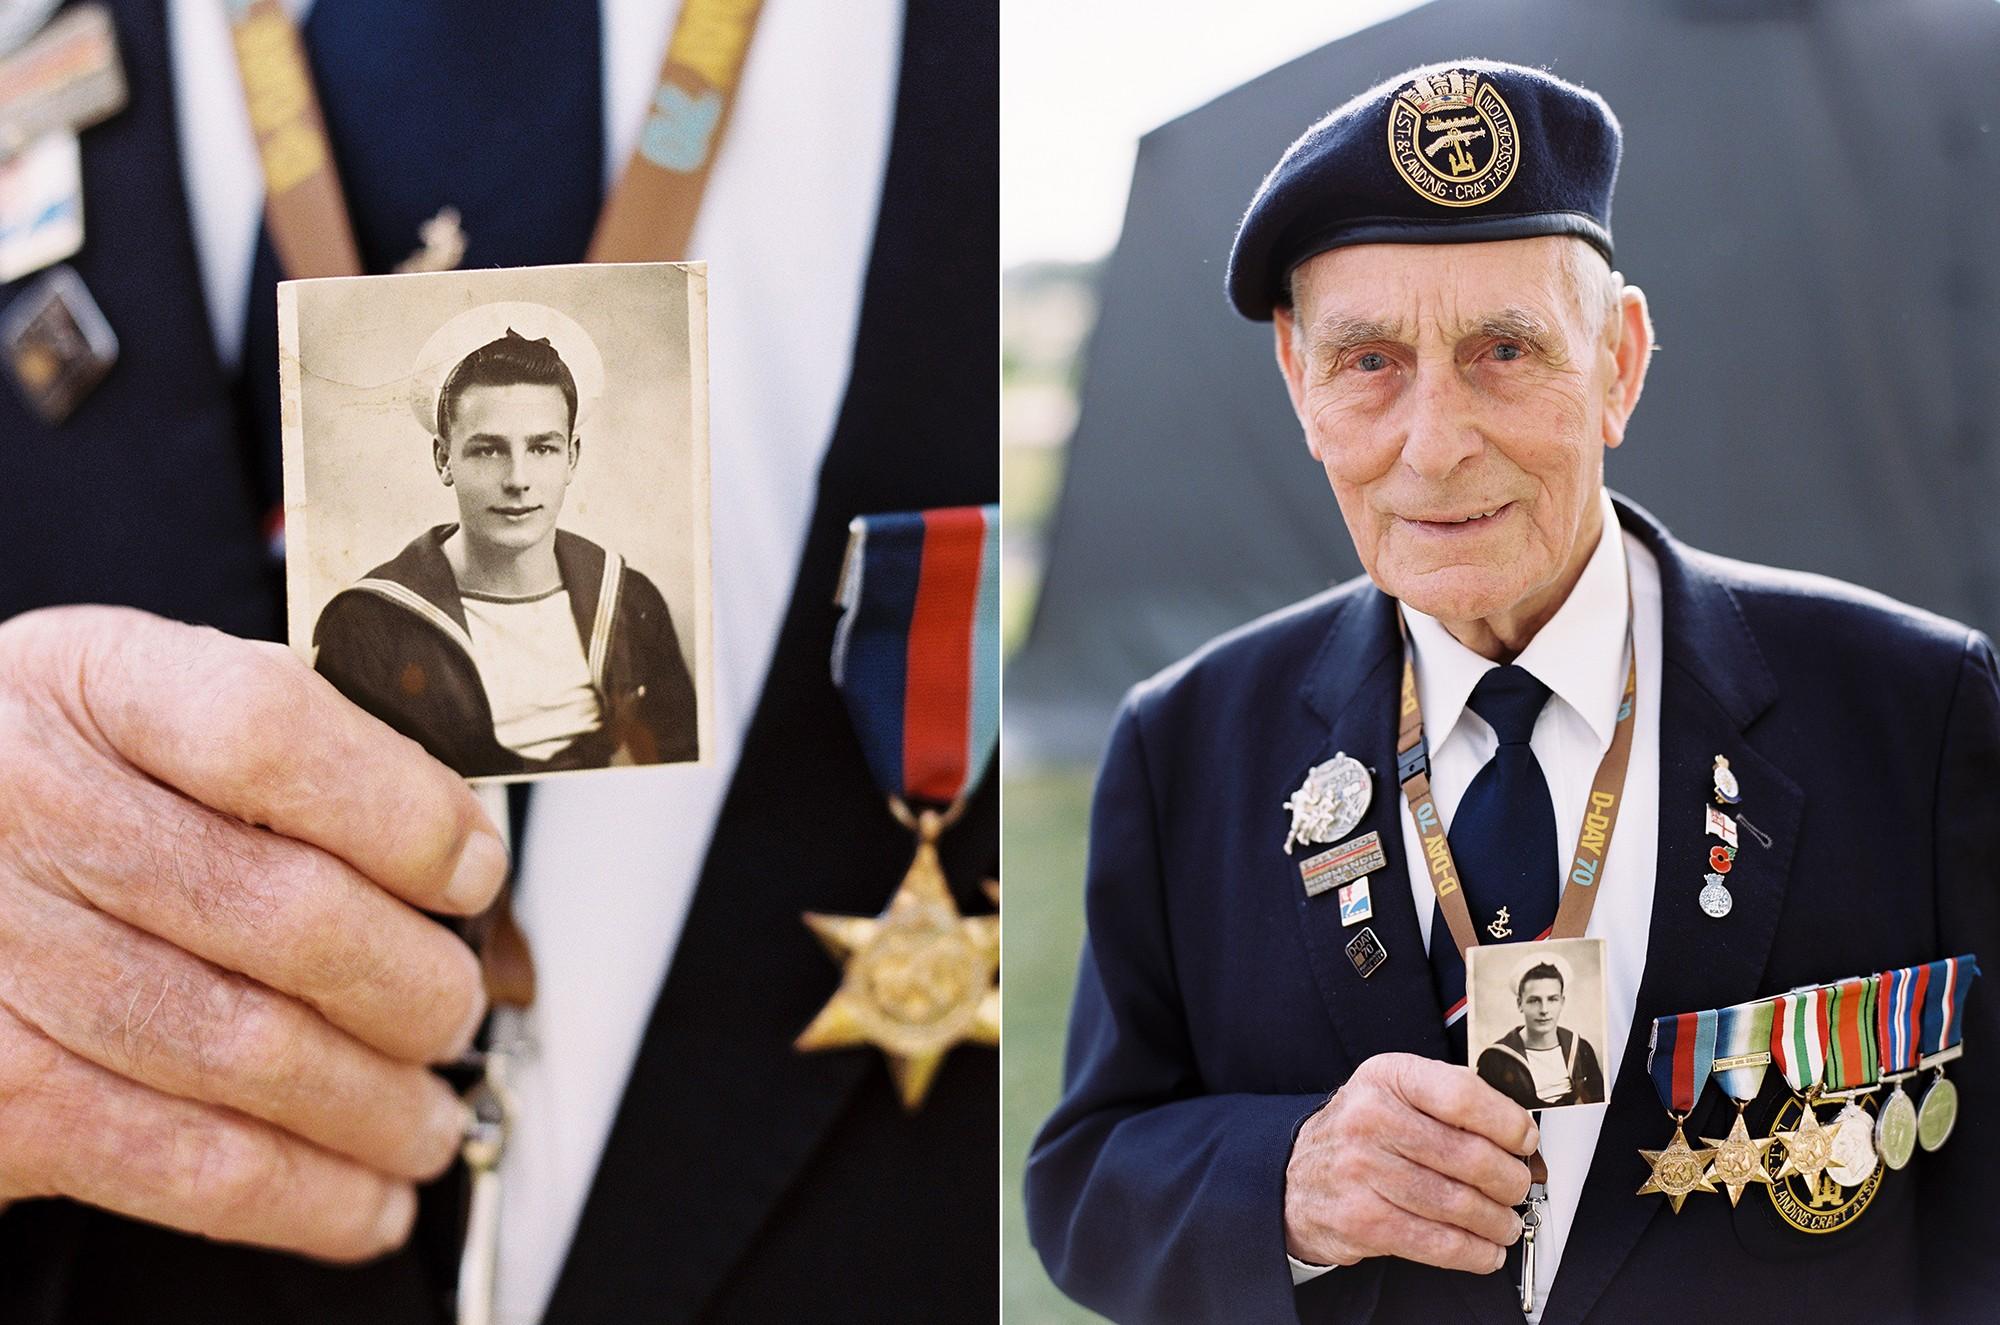 D-Day veteran John Dennett